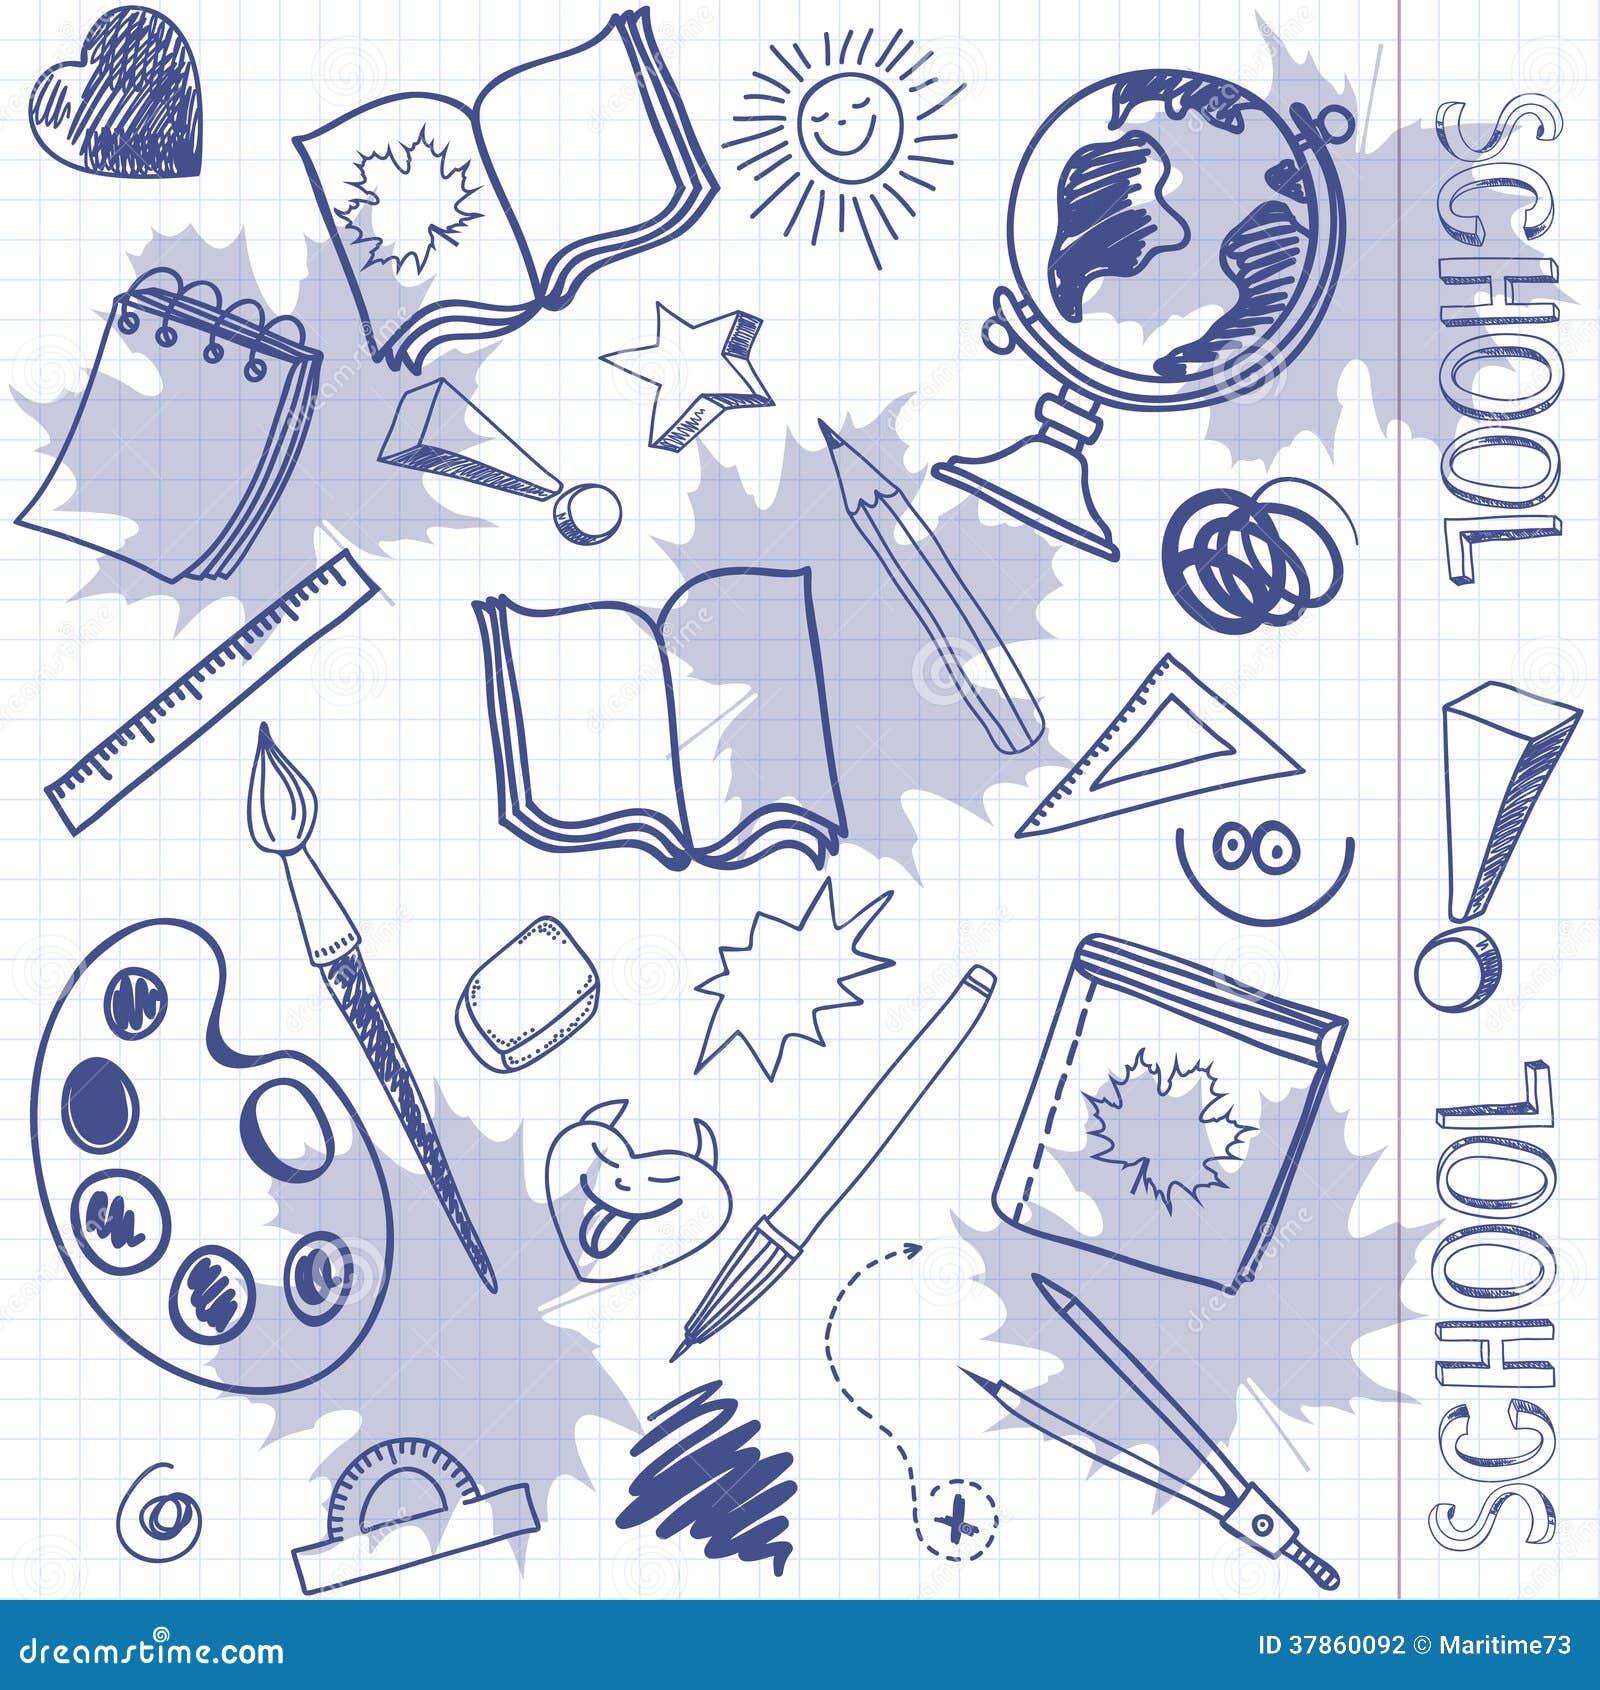 Dessin Avec La Main articles d'école de dessin de dessin à main levée sur une